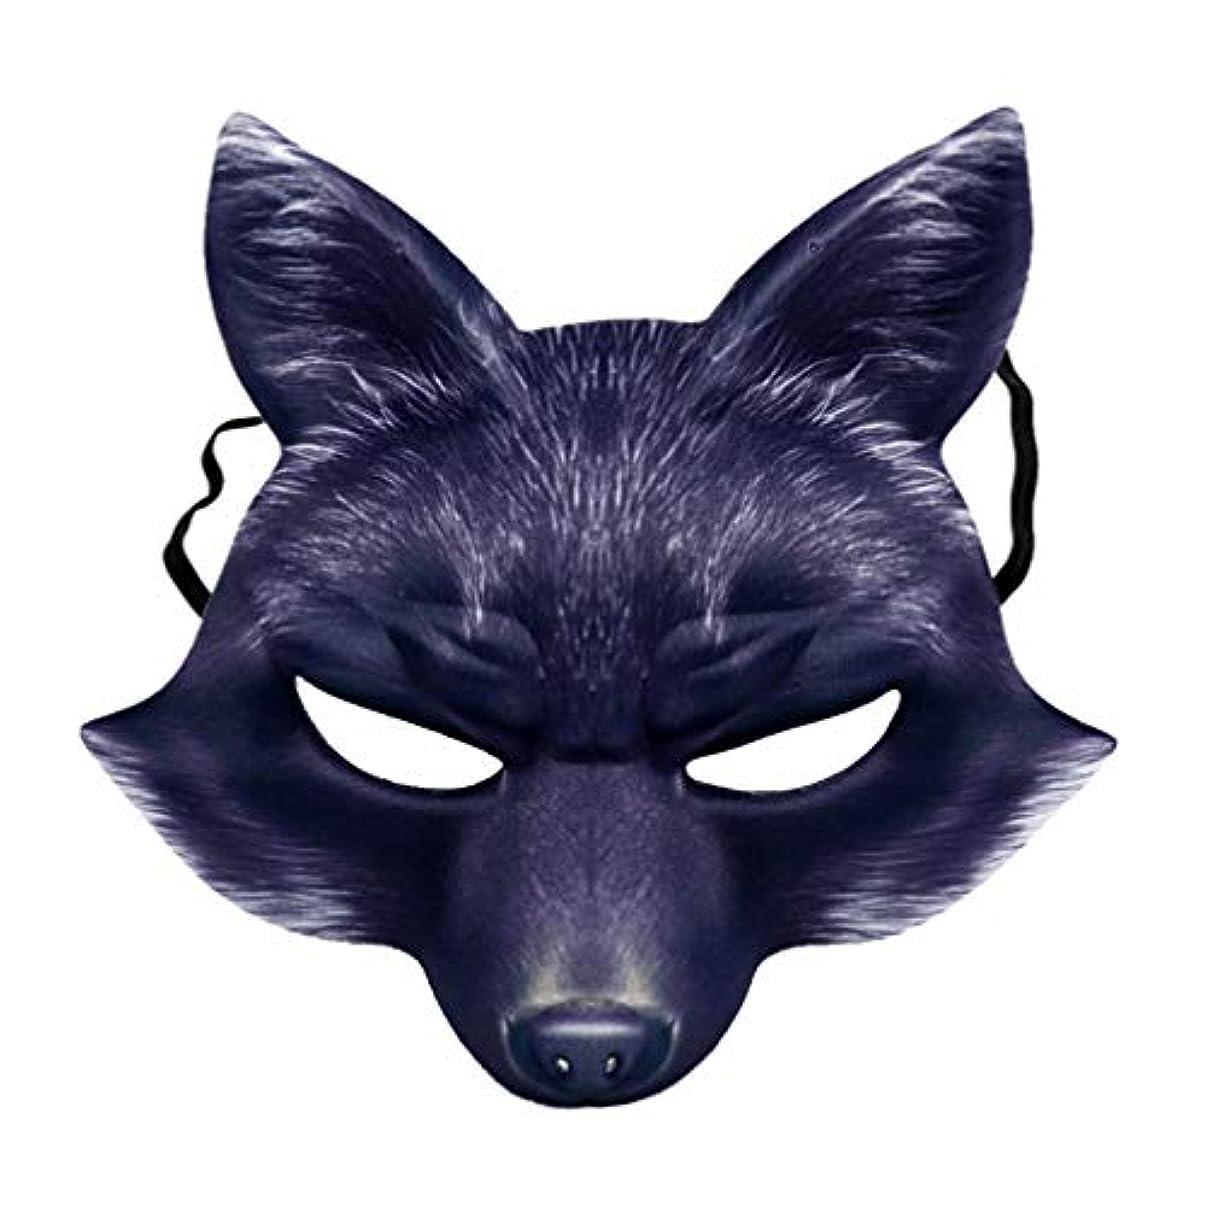 好き米国アナロジーBESTOYARD キツネハーフフェイスマスク怖い動物コスチュームマスクアクセサリー用男性大人ハロウィンパーティーの好意